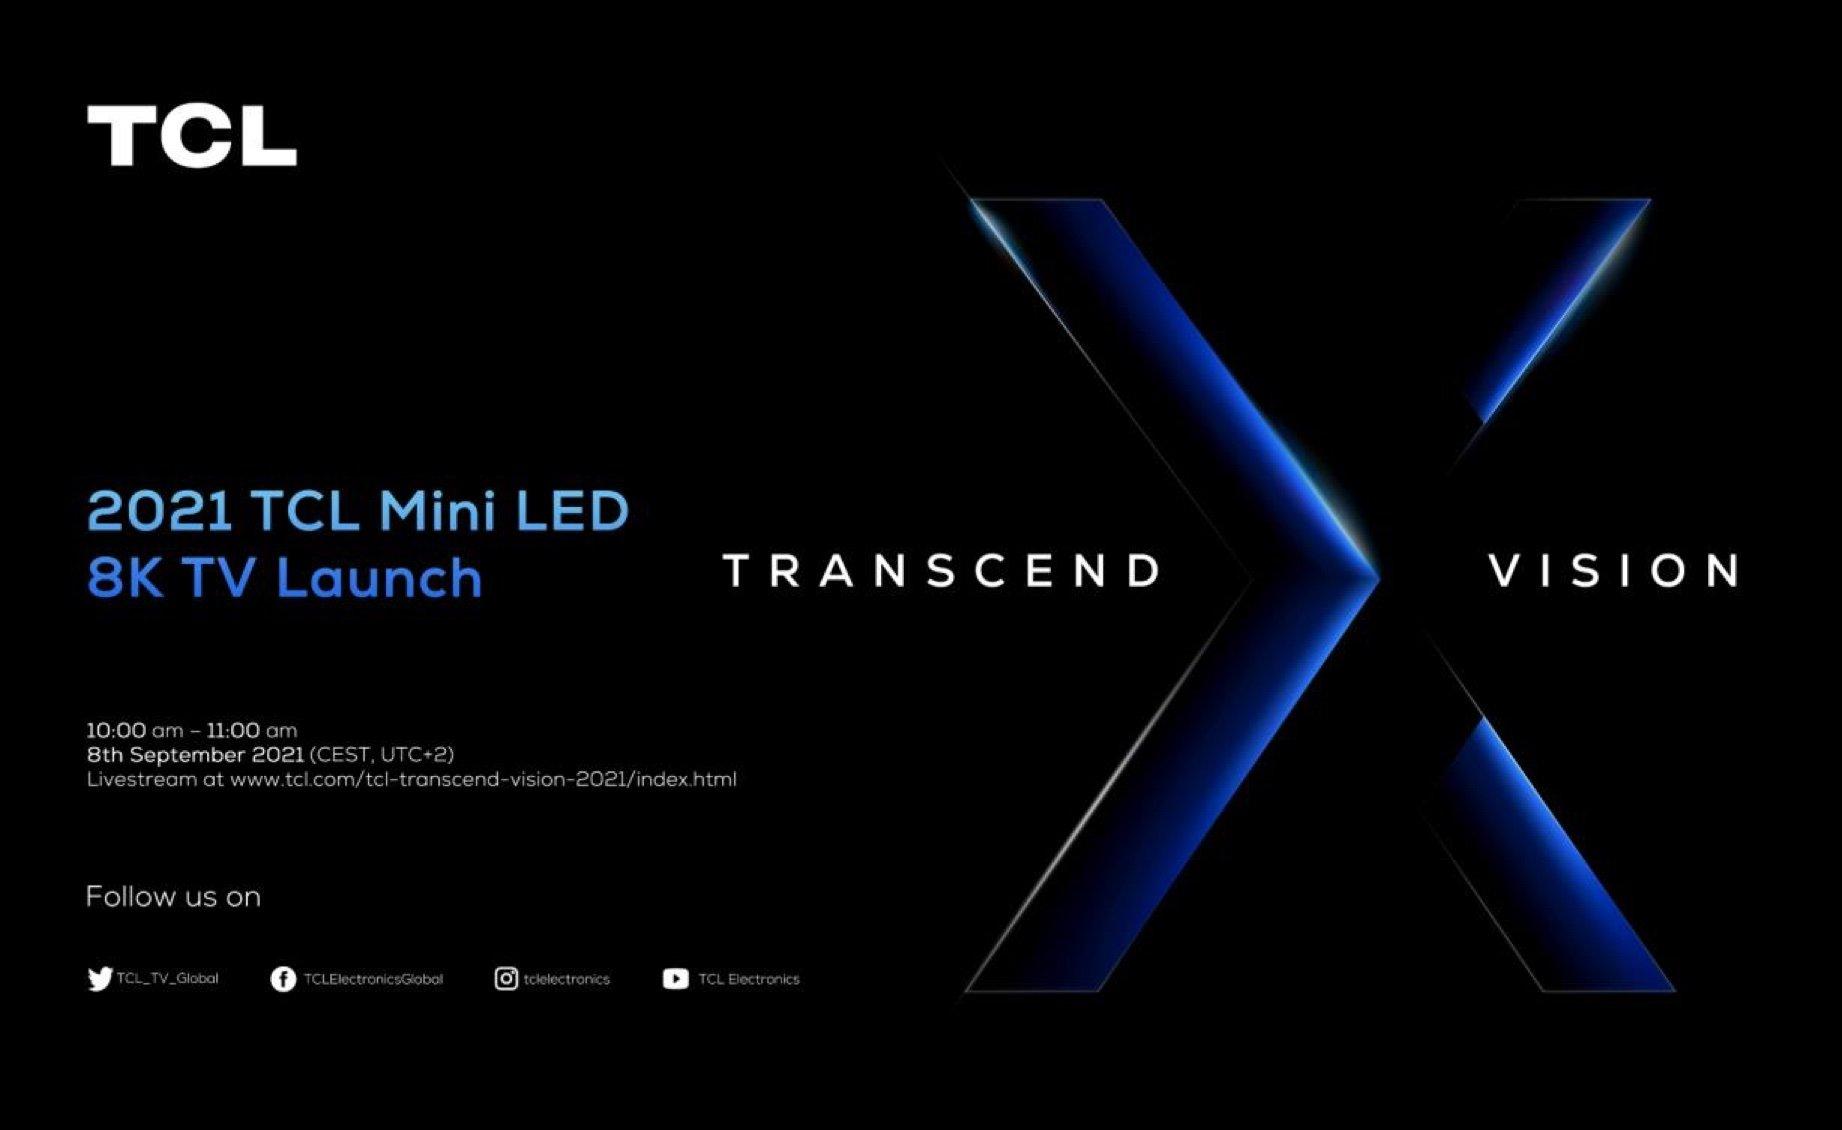 TCL va lancer un téléviseur 8K avec rétroéclairage Mini LED